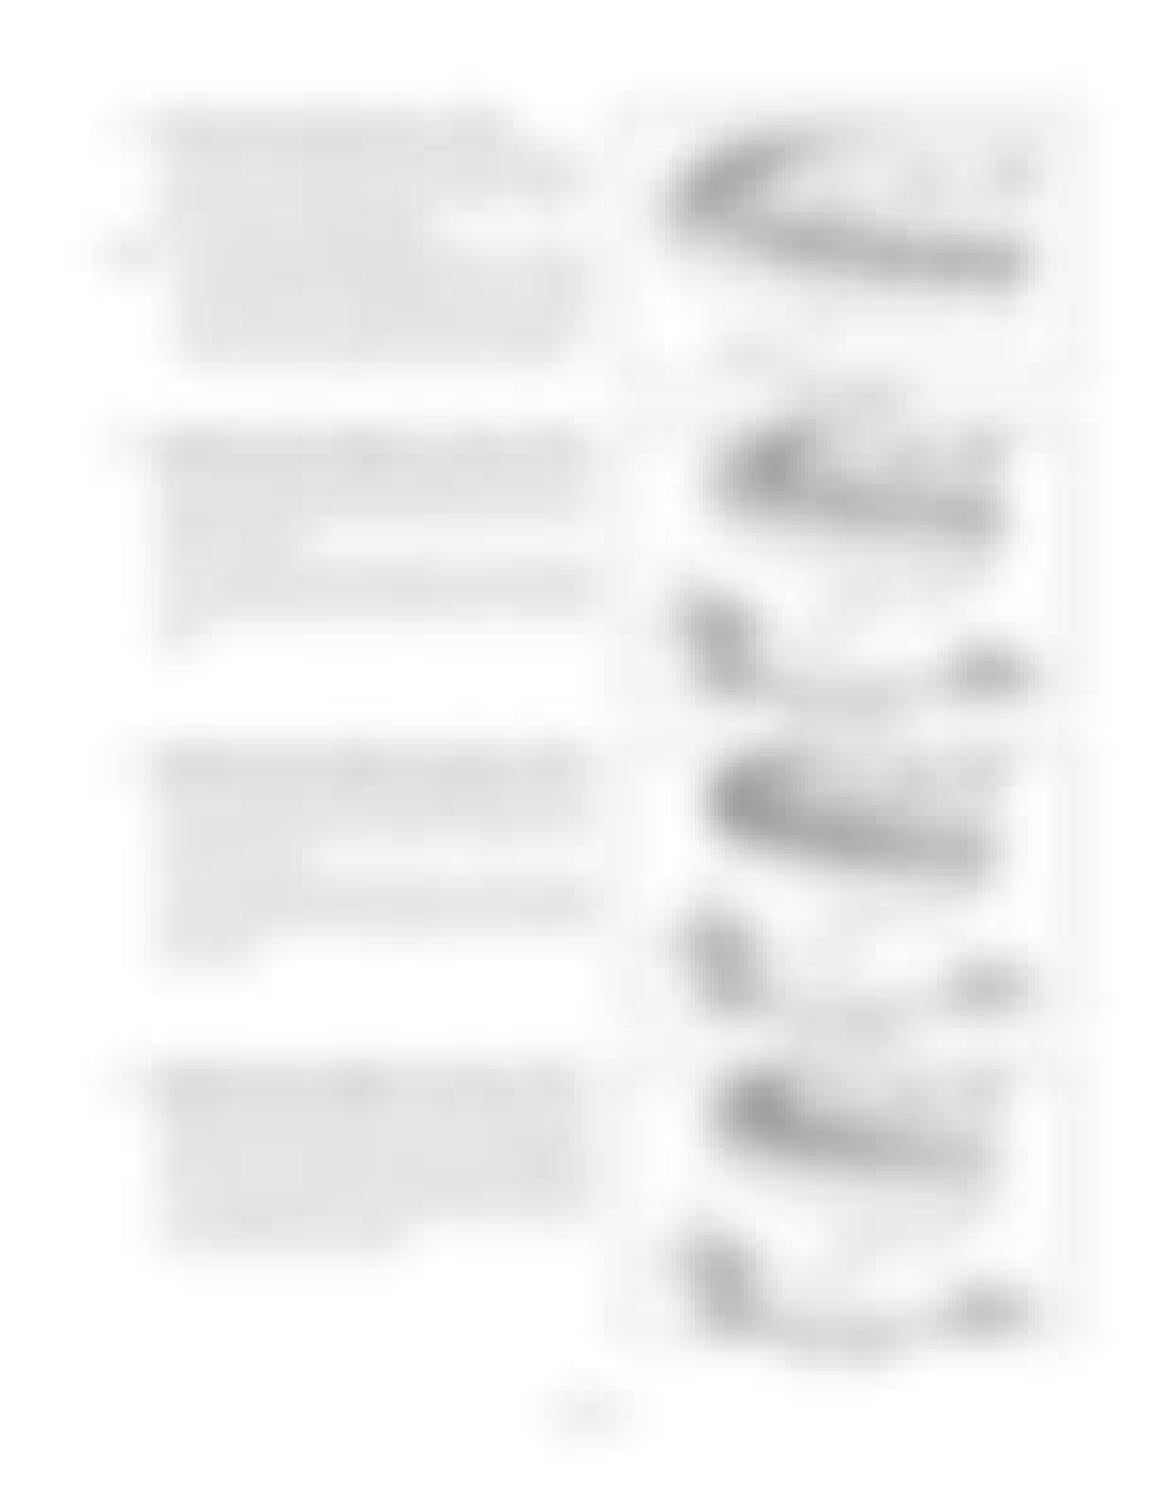 Hitachi LX110-7 LX130-7 LX160-7 LX190-7 LX230-7 Wheel Loader Workshop Manual - PDF DOWNLOAD page 207